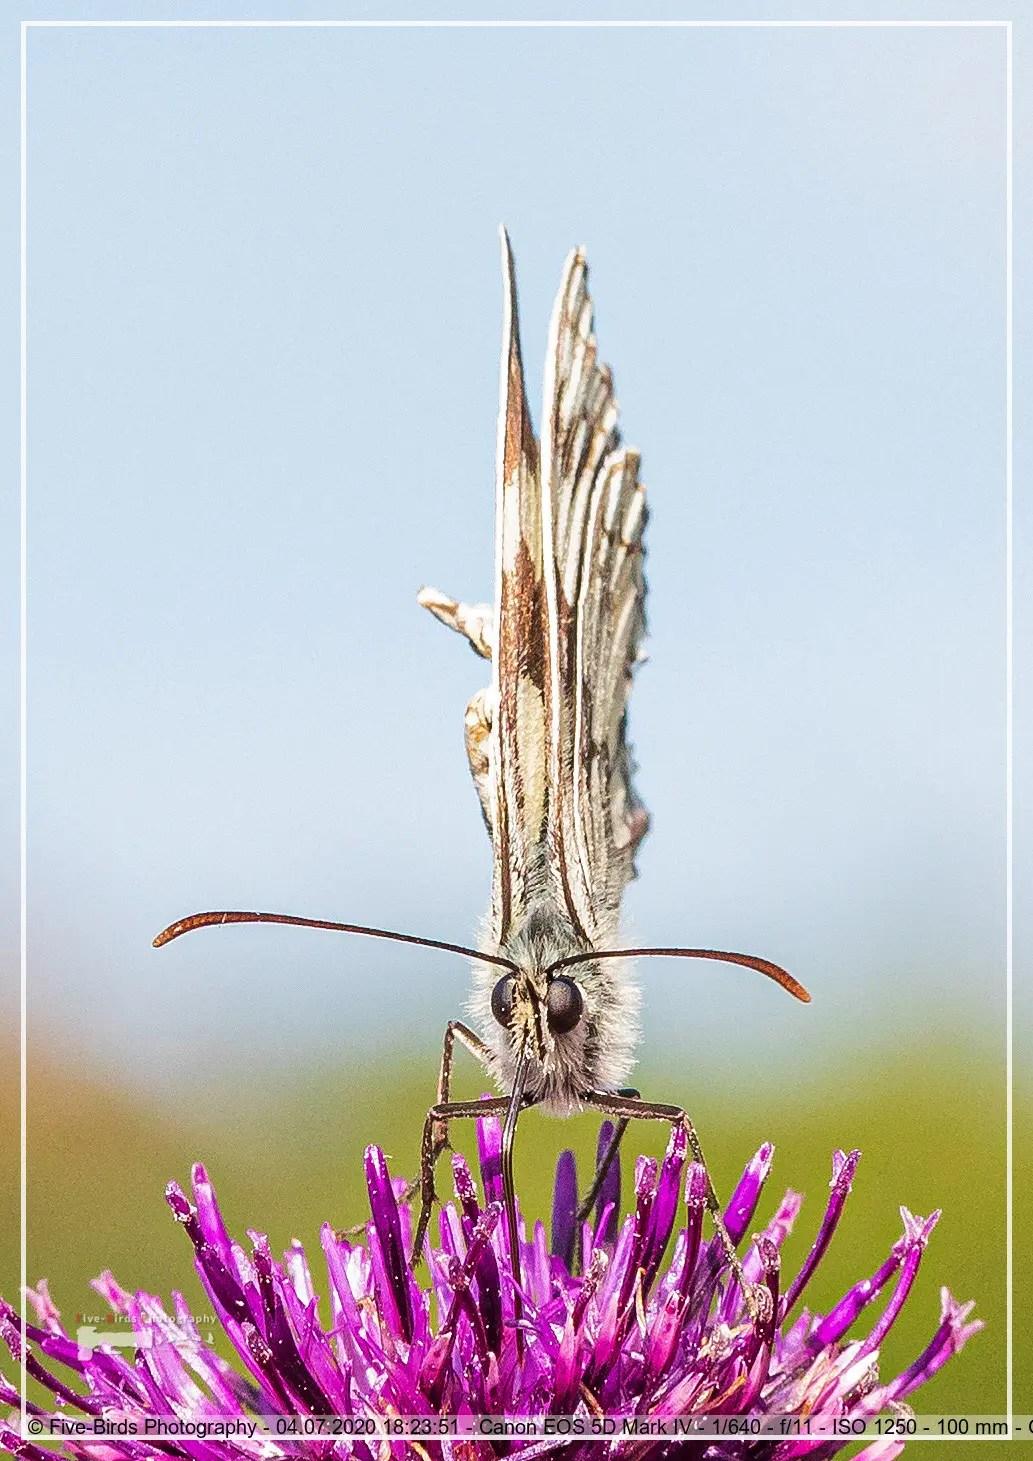 Macro shot of a Melanargia galathea butterfly on a Centaurea scabiosa flower in a wildflower meadow